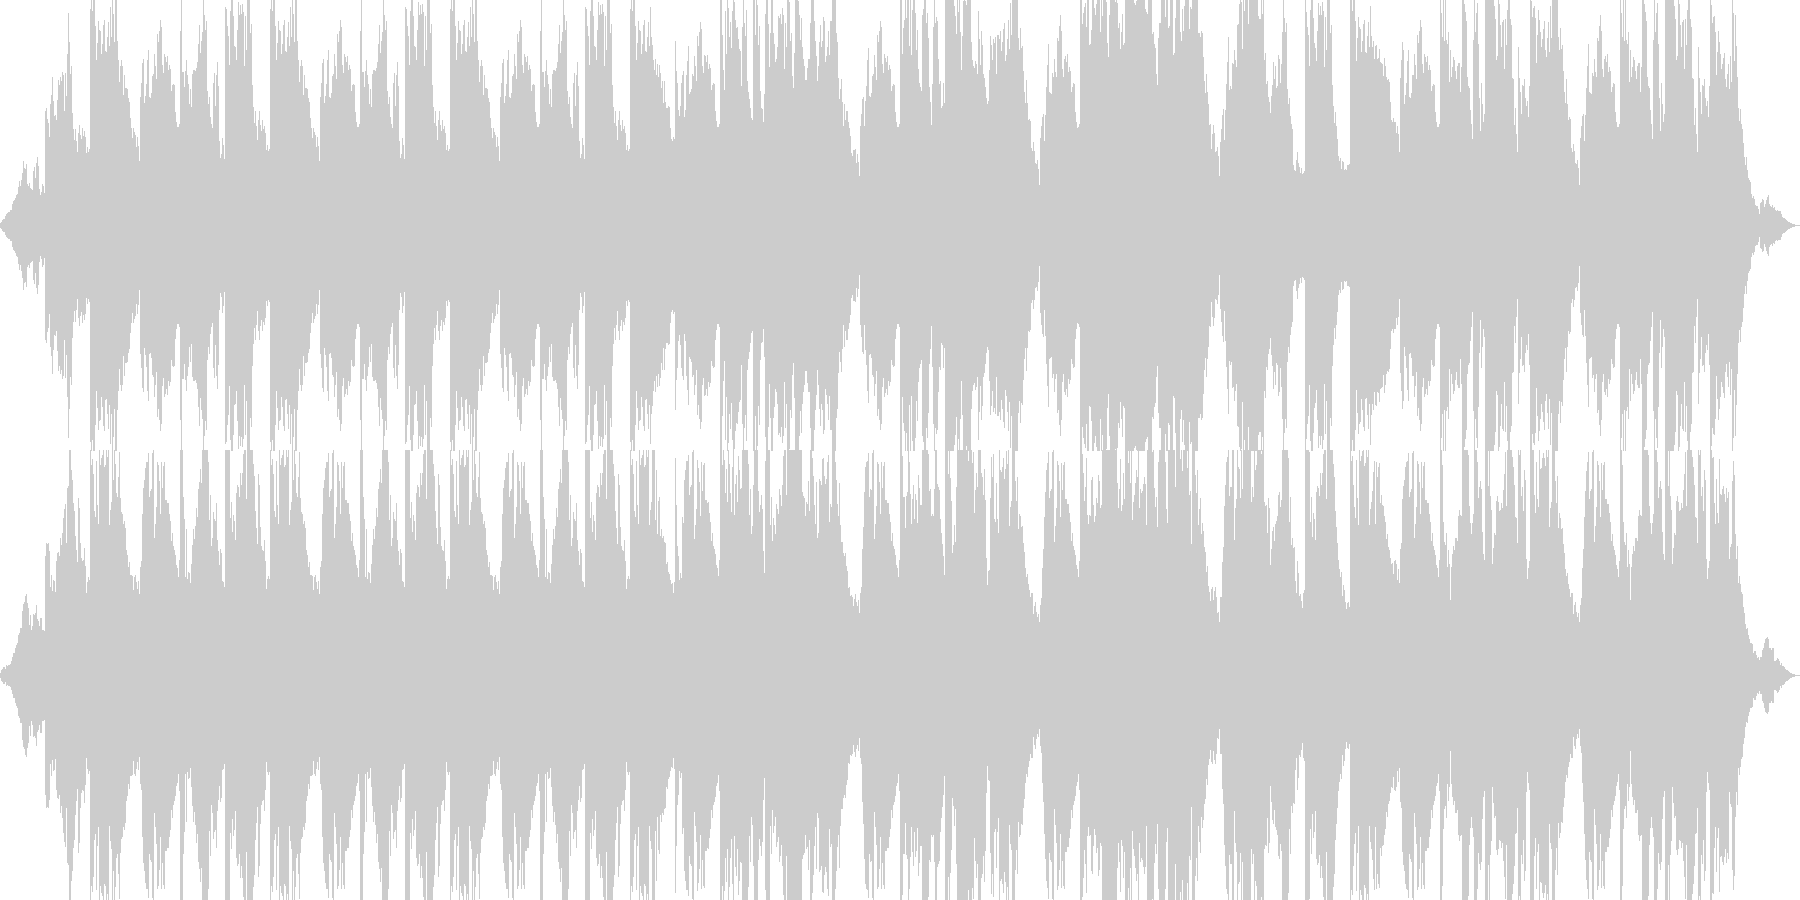 ブランコをイメージしたピアノ曲の未再生の波形